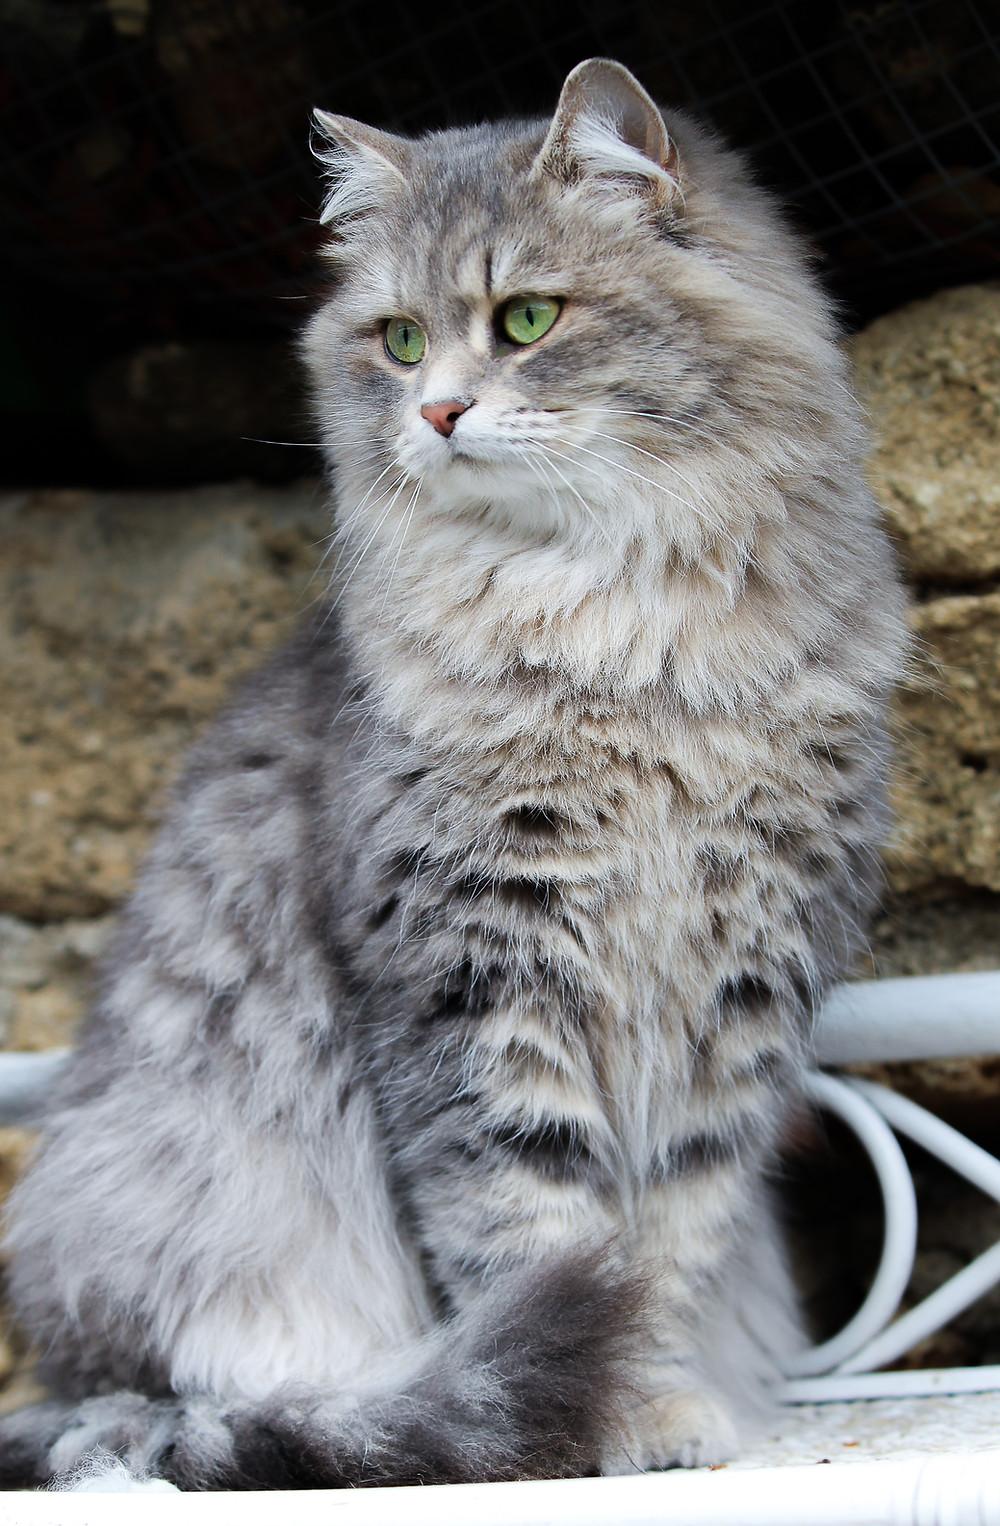 Chatte sibérienne blue Spotted Tabby, élevage de la Maison de l'Ours, Languedoc Roussillon